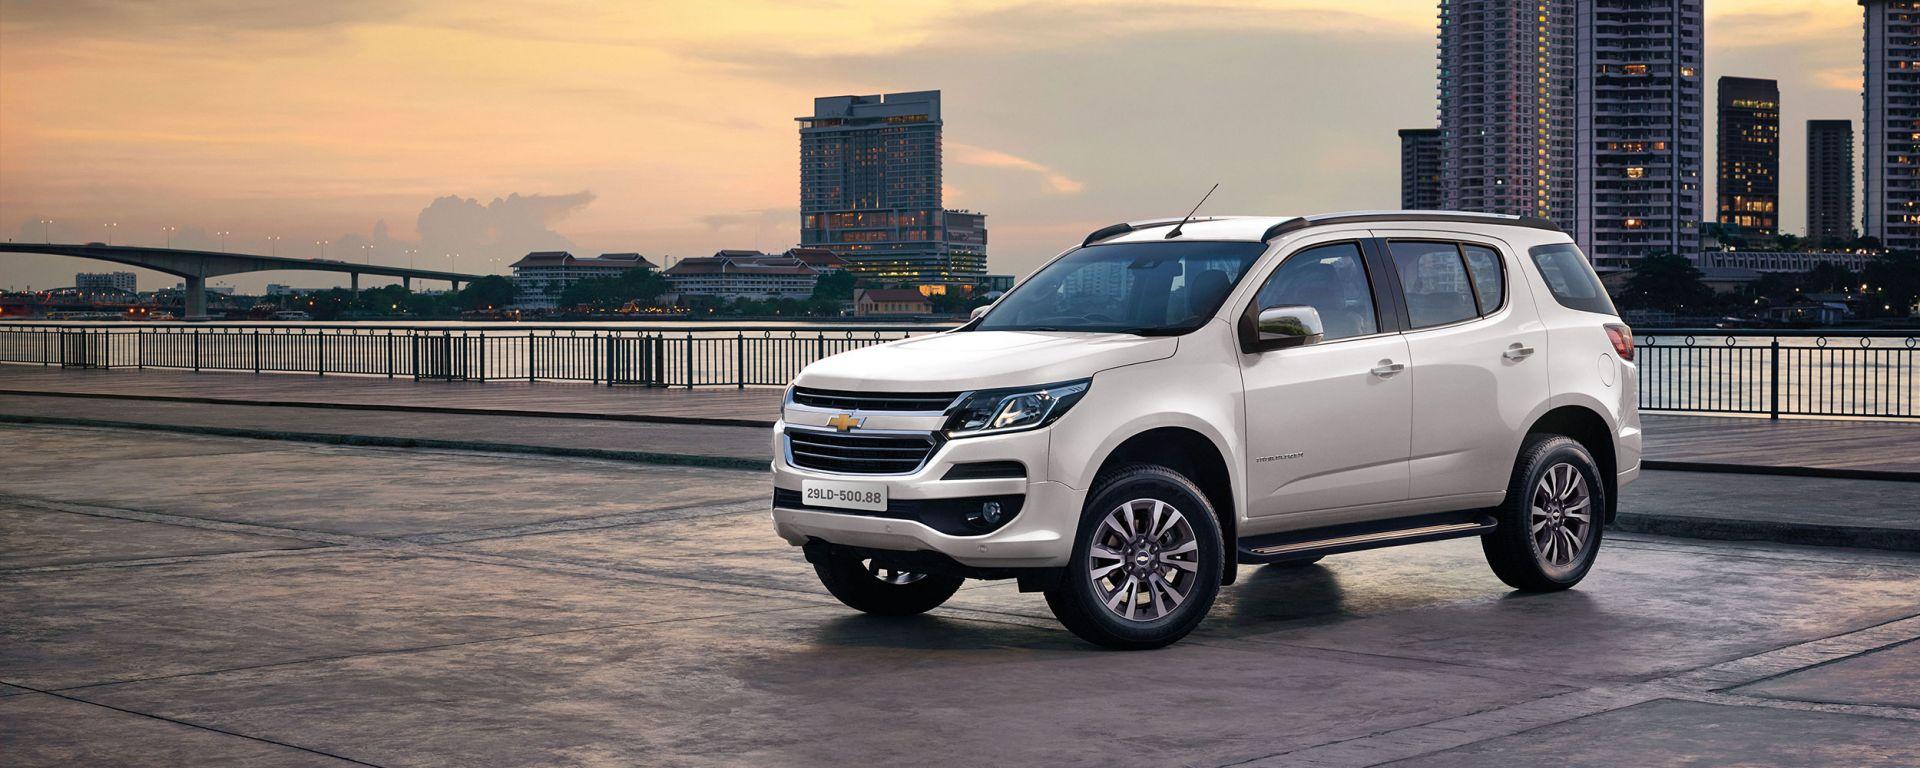 Chevrolet tung khuyến mãi dành cho 2 mẫu xe chủ lực trong tháng 3/2019 - Hình 1